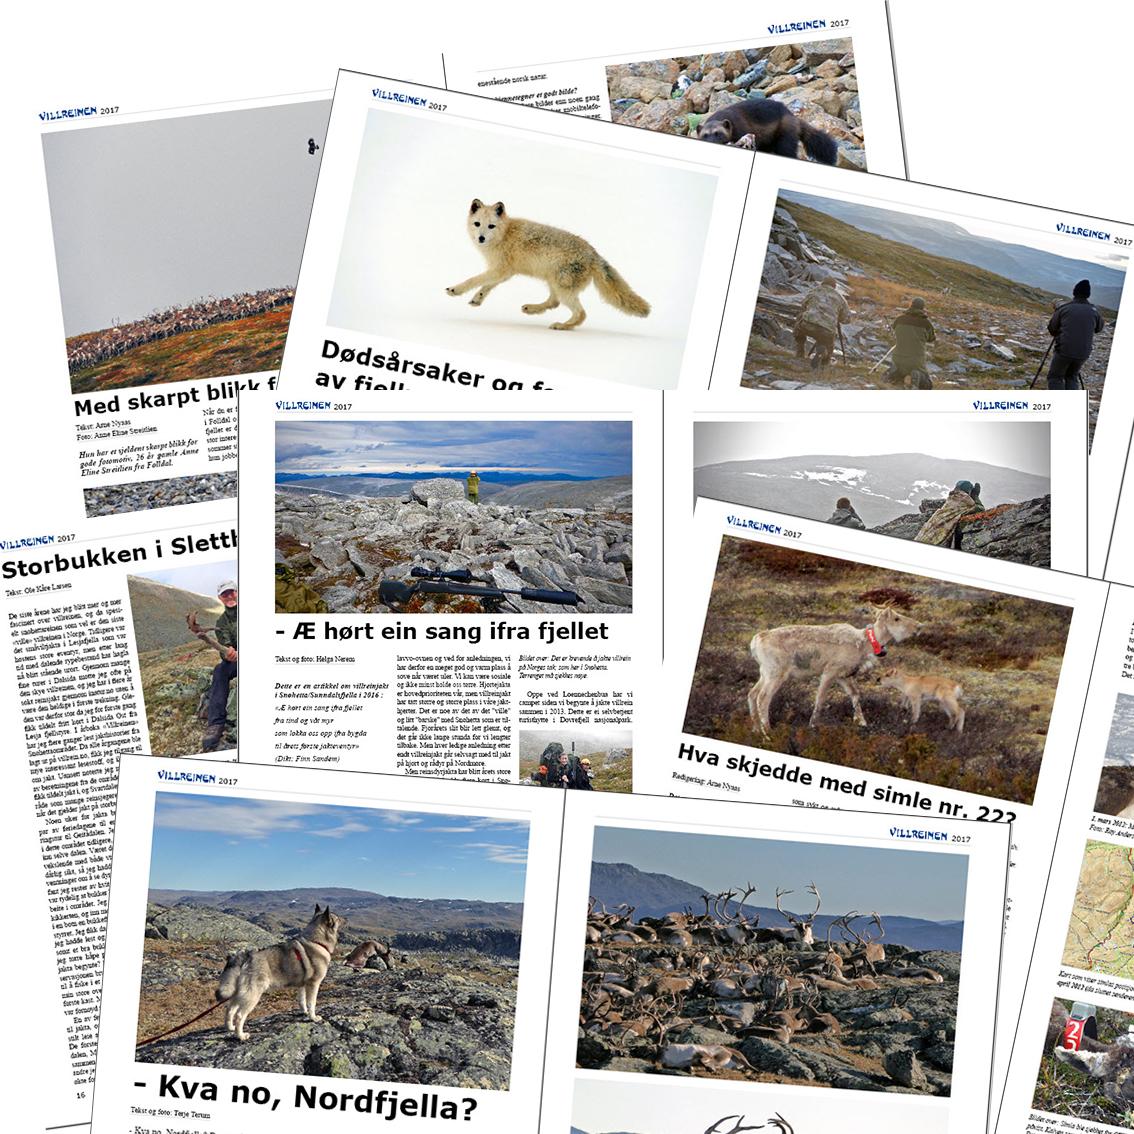 """""""Villreinen 2017"""" er på 108 sider - og kommer fra trykkeriet i slutten av mai. Faste abonnenter er de første som mottar bladet som da er plastpakket. Bildet over viser noe av innholdet i årets utgave. Illustrasjon: Arne Nyaas"""